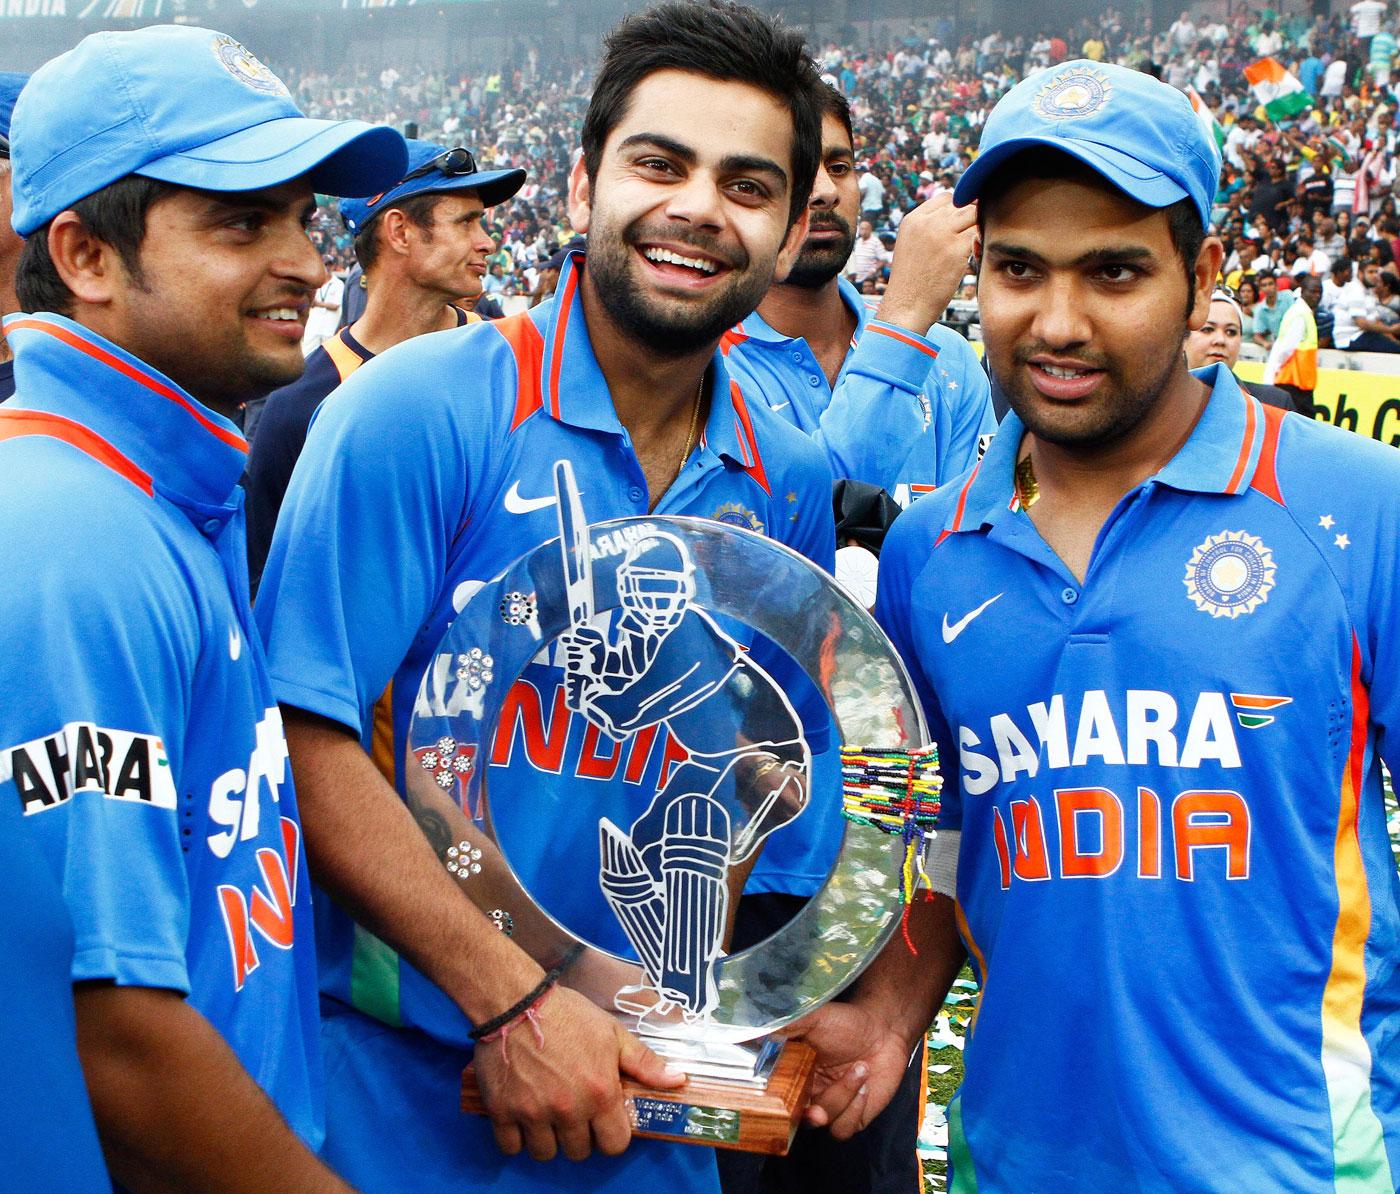 RECORD: टीम इंडिया की जीत में रोहित शर्मा का नाम दर्ज हुआ यह अनोखा कीर्तिमान, रैना और विराट के क्लब में हुए शामिल 4